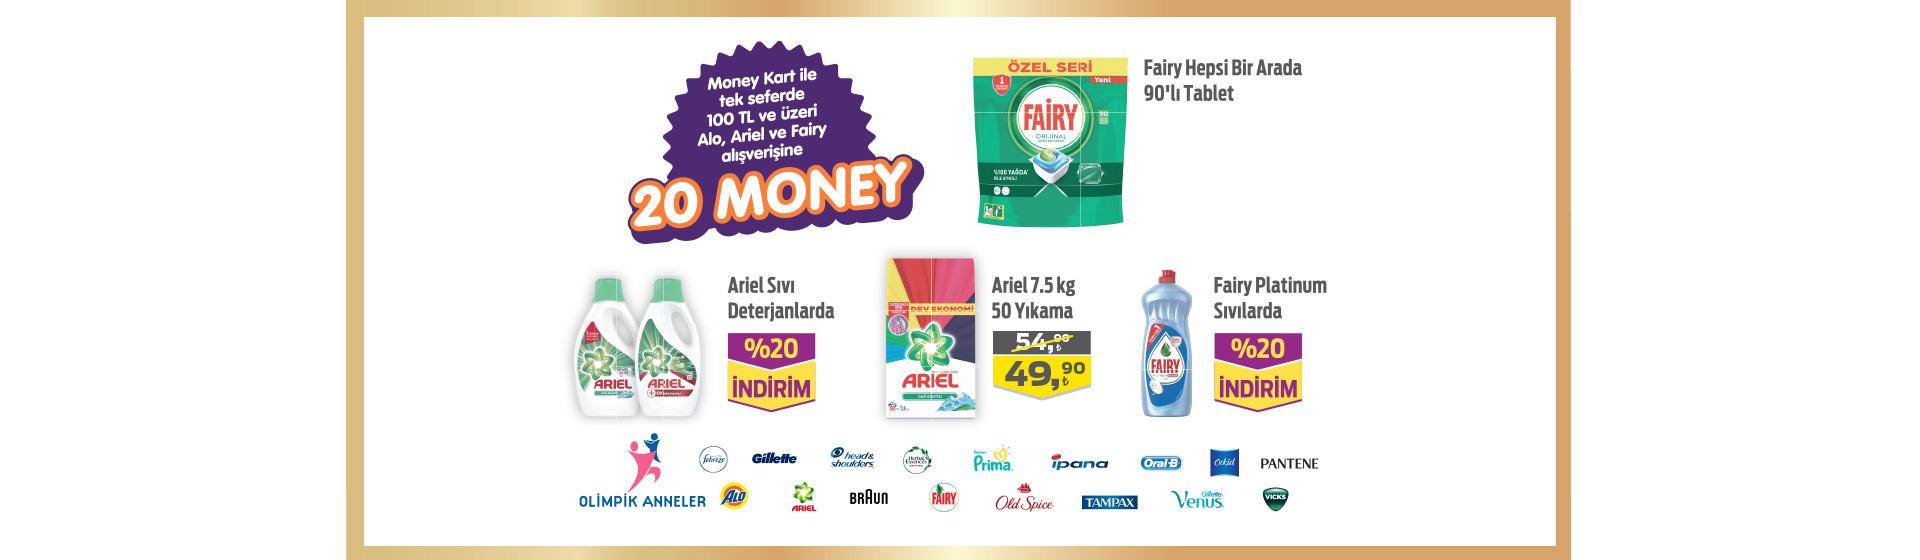 Fairy Money Kampanyası